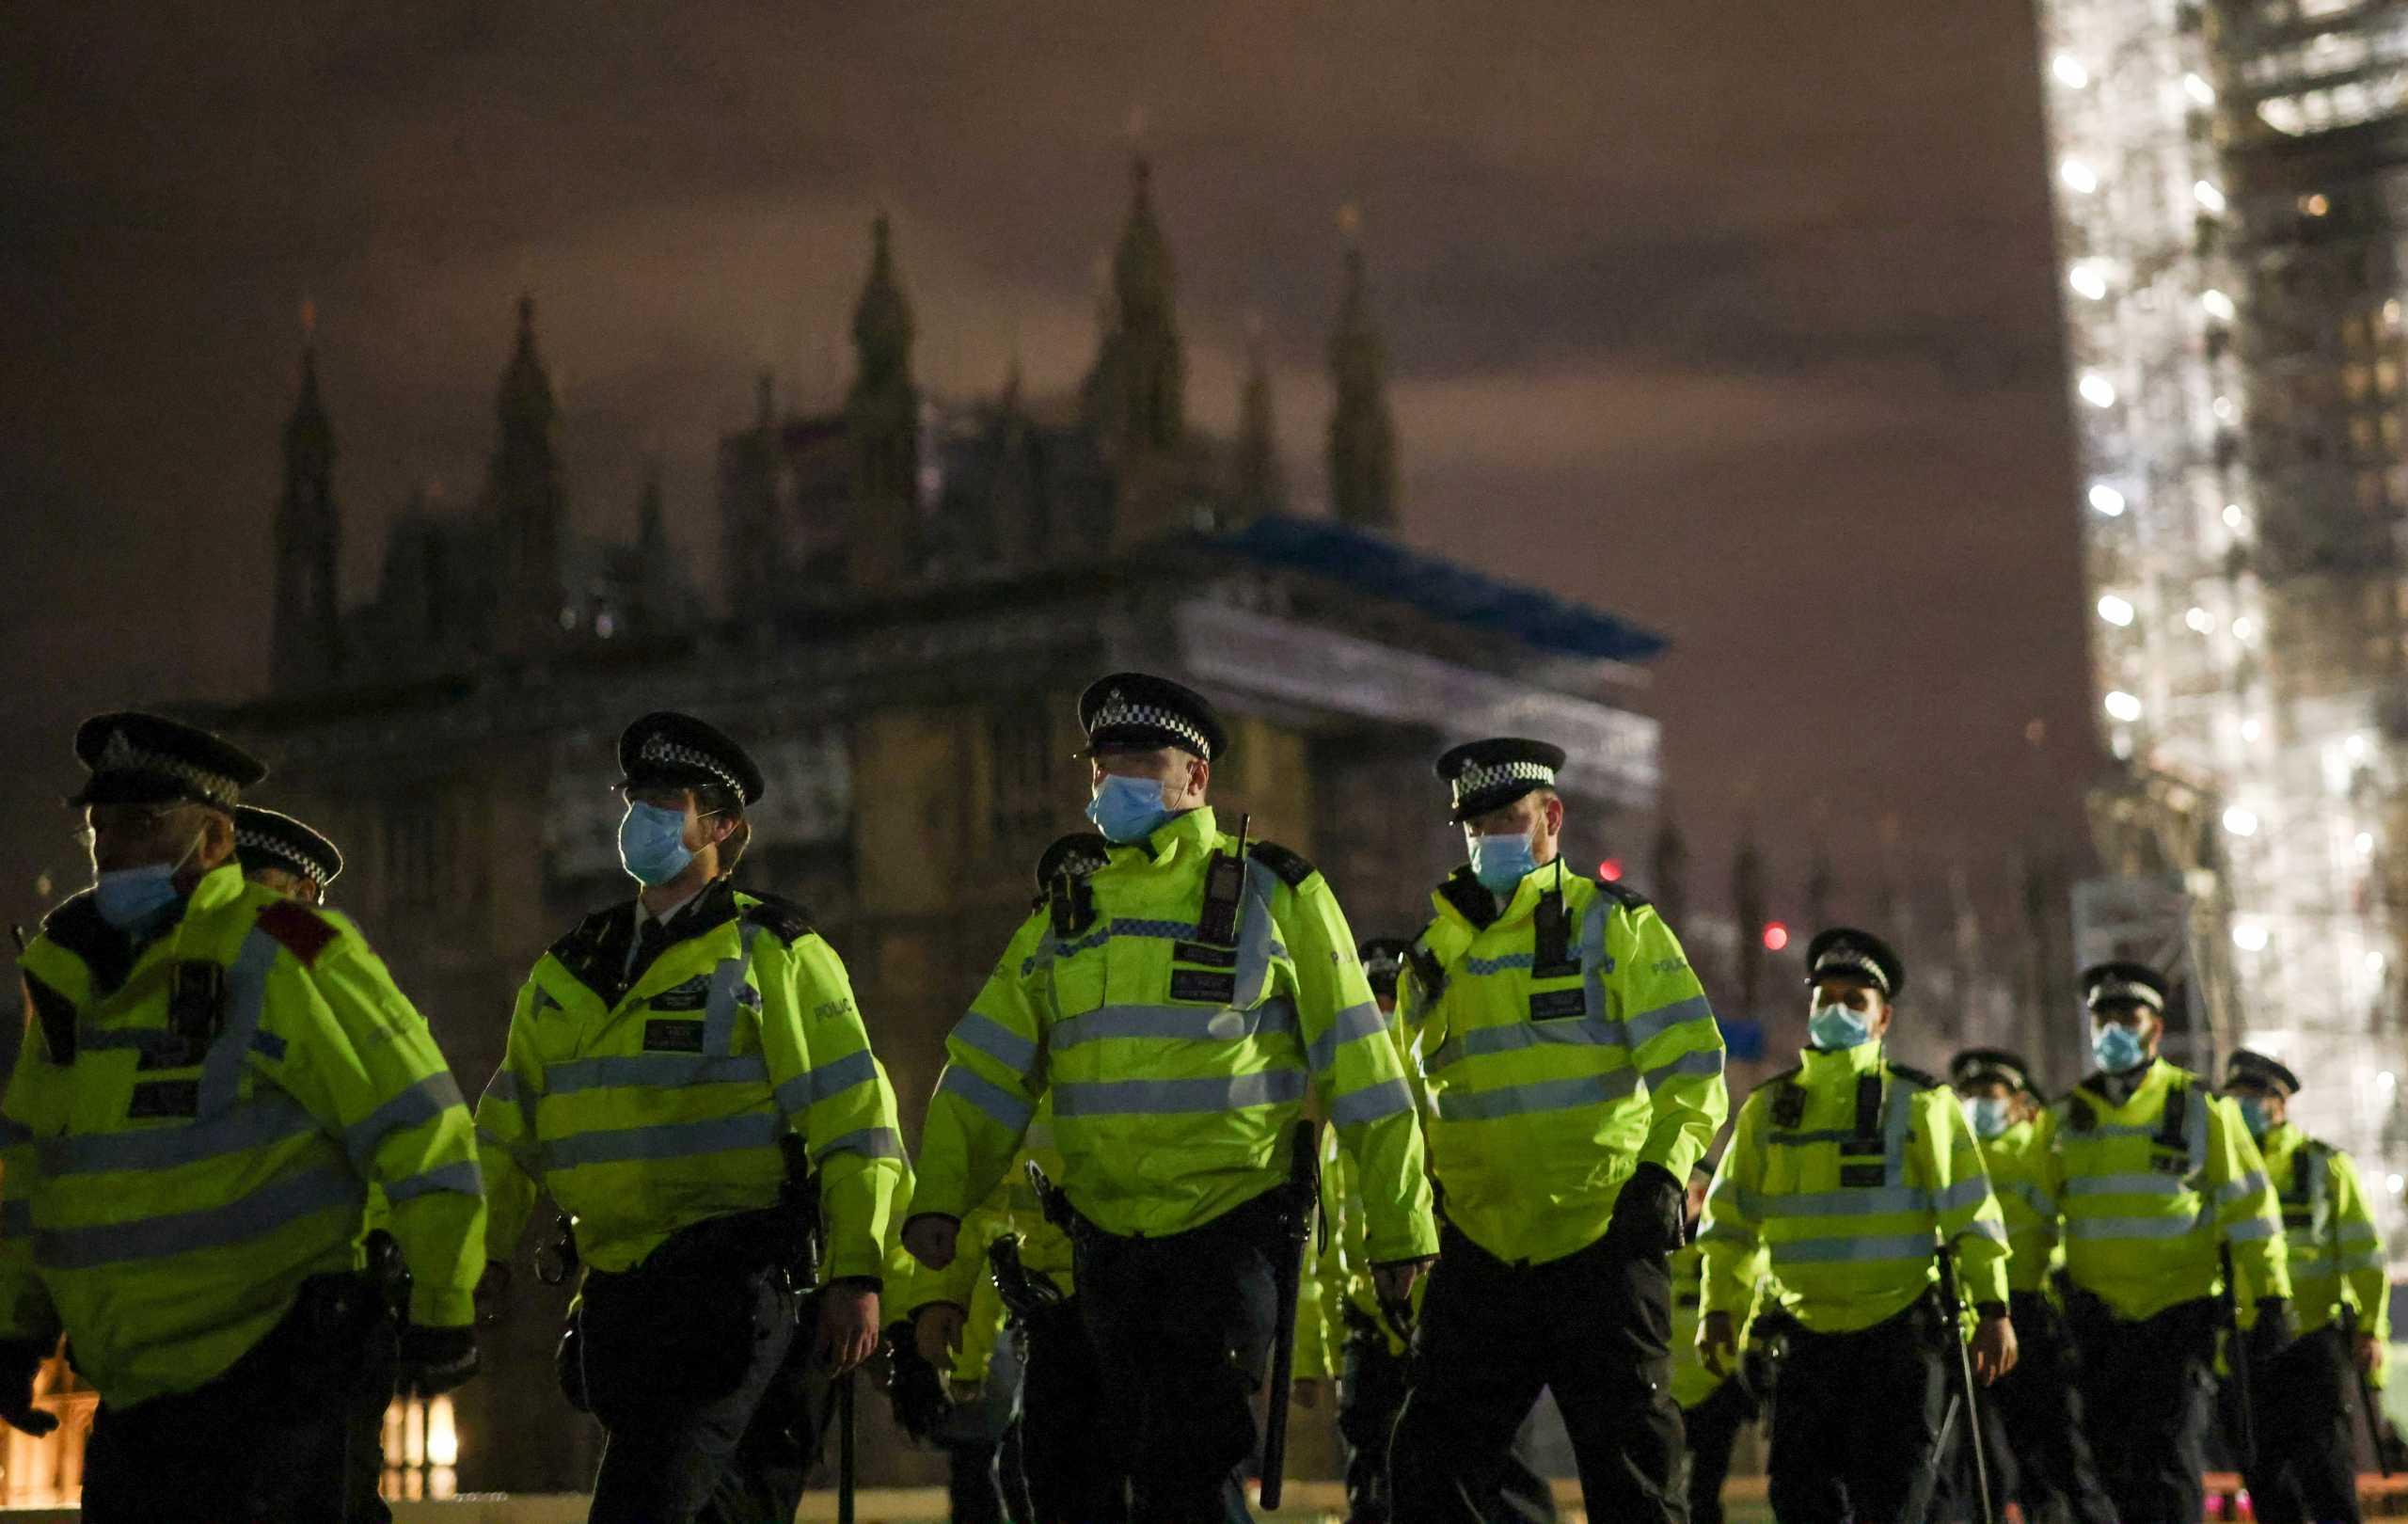 """Βρετανία: """"Γελοία"""" τα σχέδια της κυβέρνησης για μυστικούς αστυνομικούς σε μπαρ για την προστασία των γυναικών"""